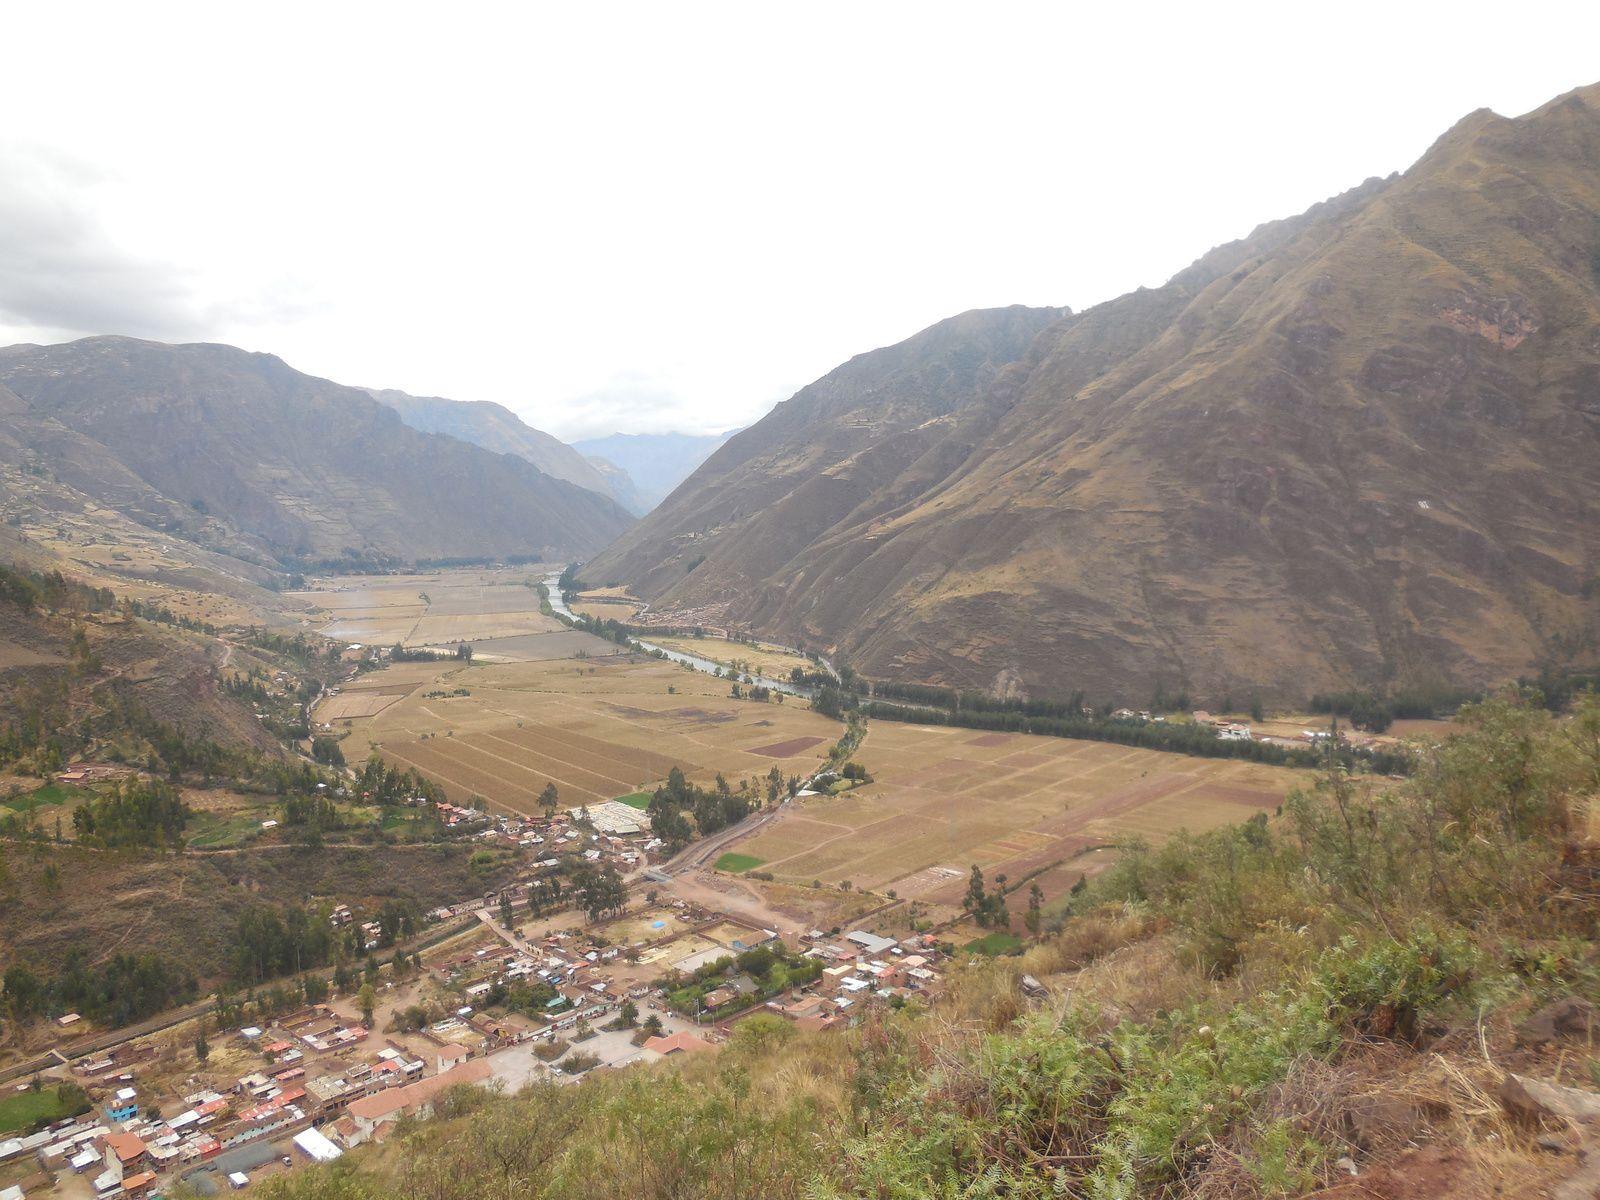 Derniére vue sur la vallée de Pisaq...